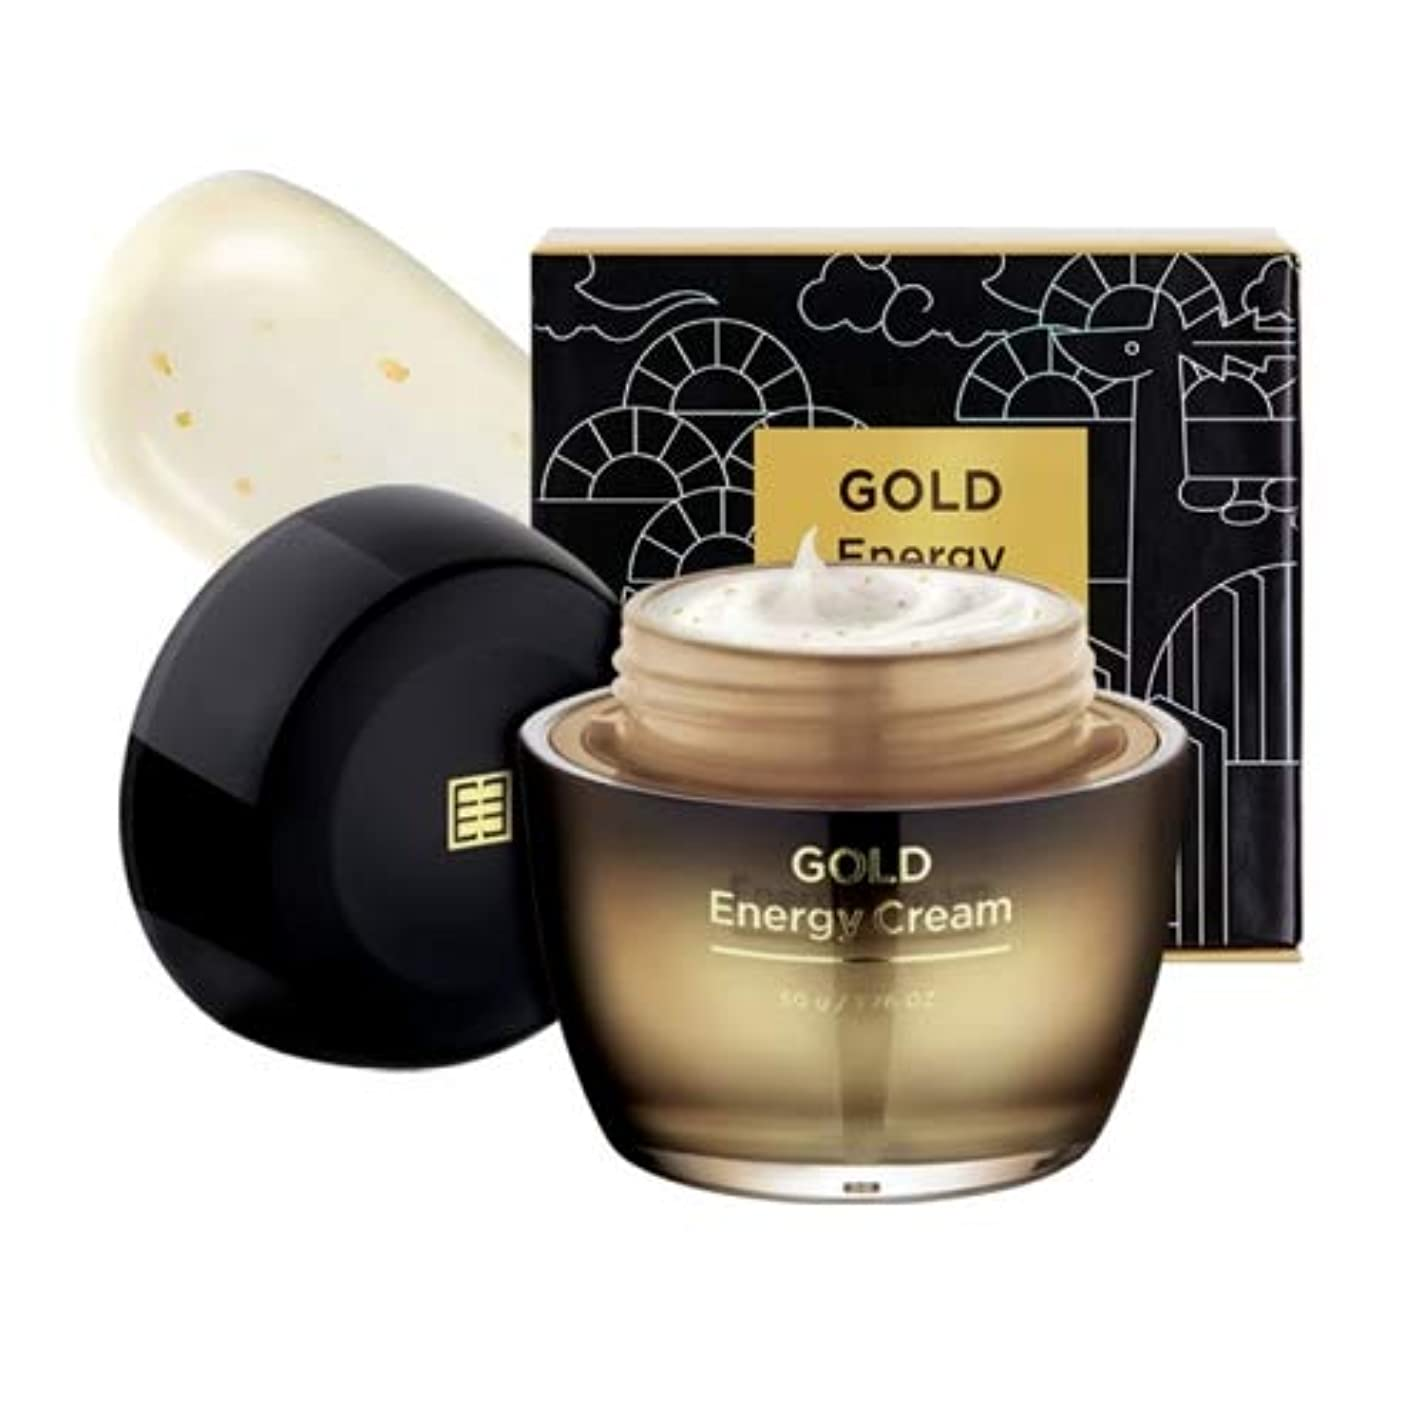 編集者しないでください振幅ESTHEMED 【NEW!! エステメドゴールドエネルギークリーム】ESTHEMED GOLD Energy Cream 50g